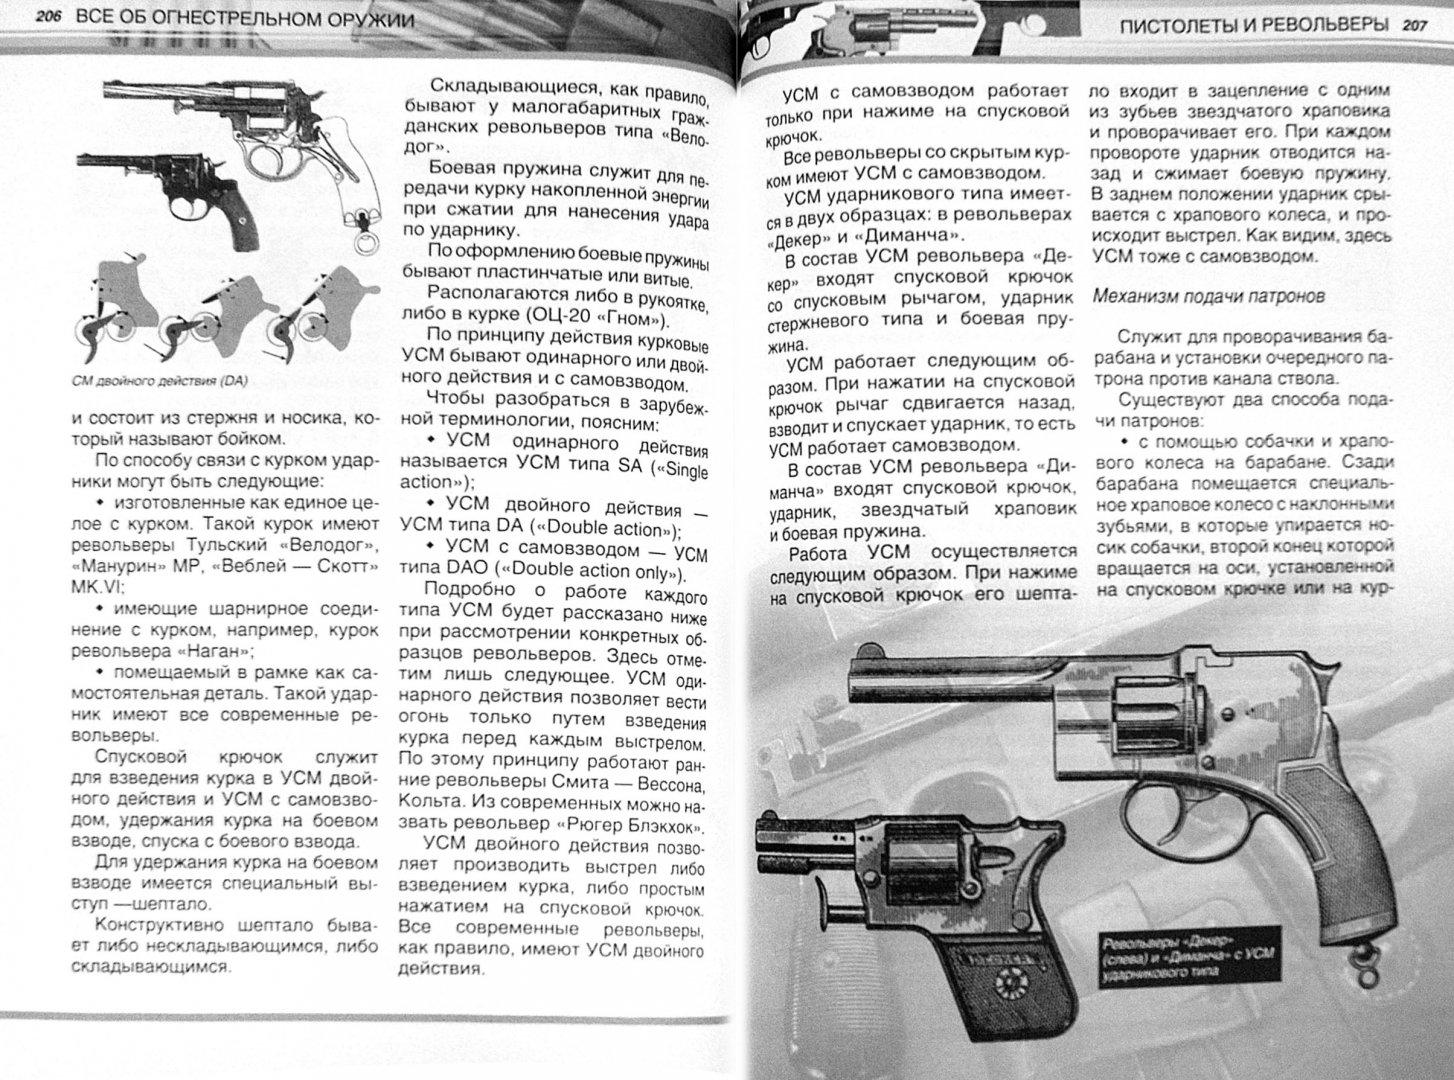 Иллюстрация 1 из 7 для Все об огнестрельном оружии - Л.Е. Сытин | Лабиринт - книги. Источник: Лабиринт